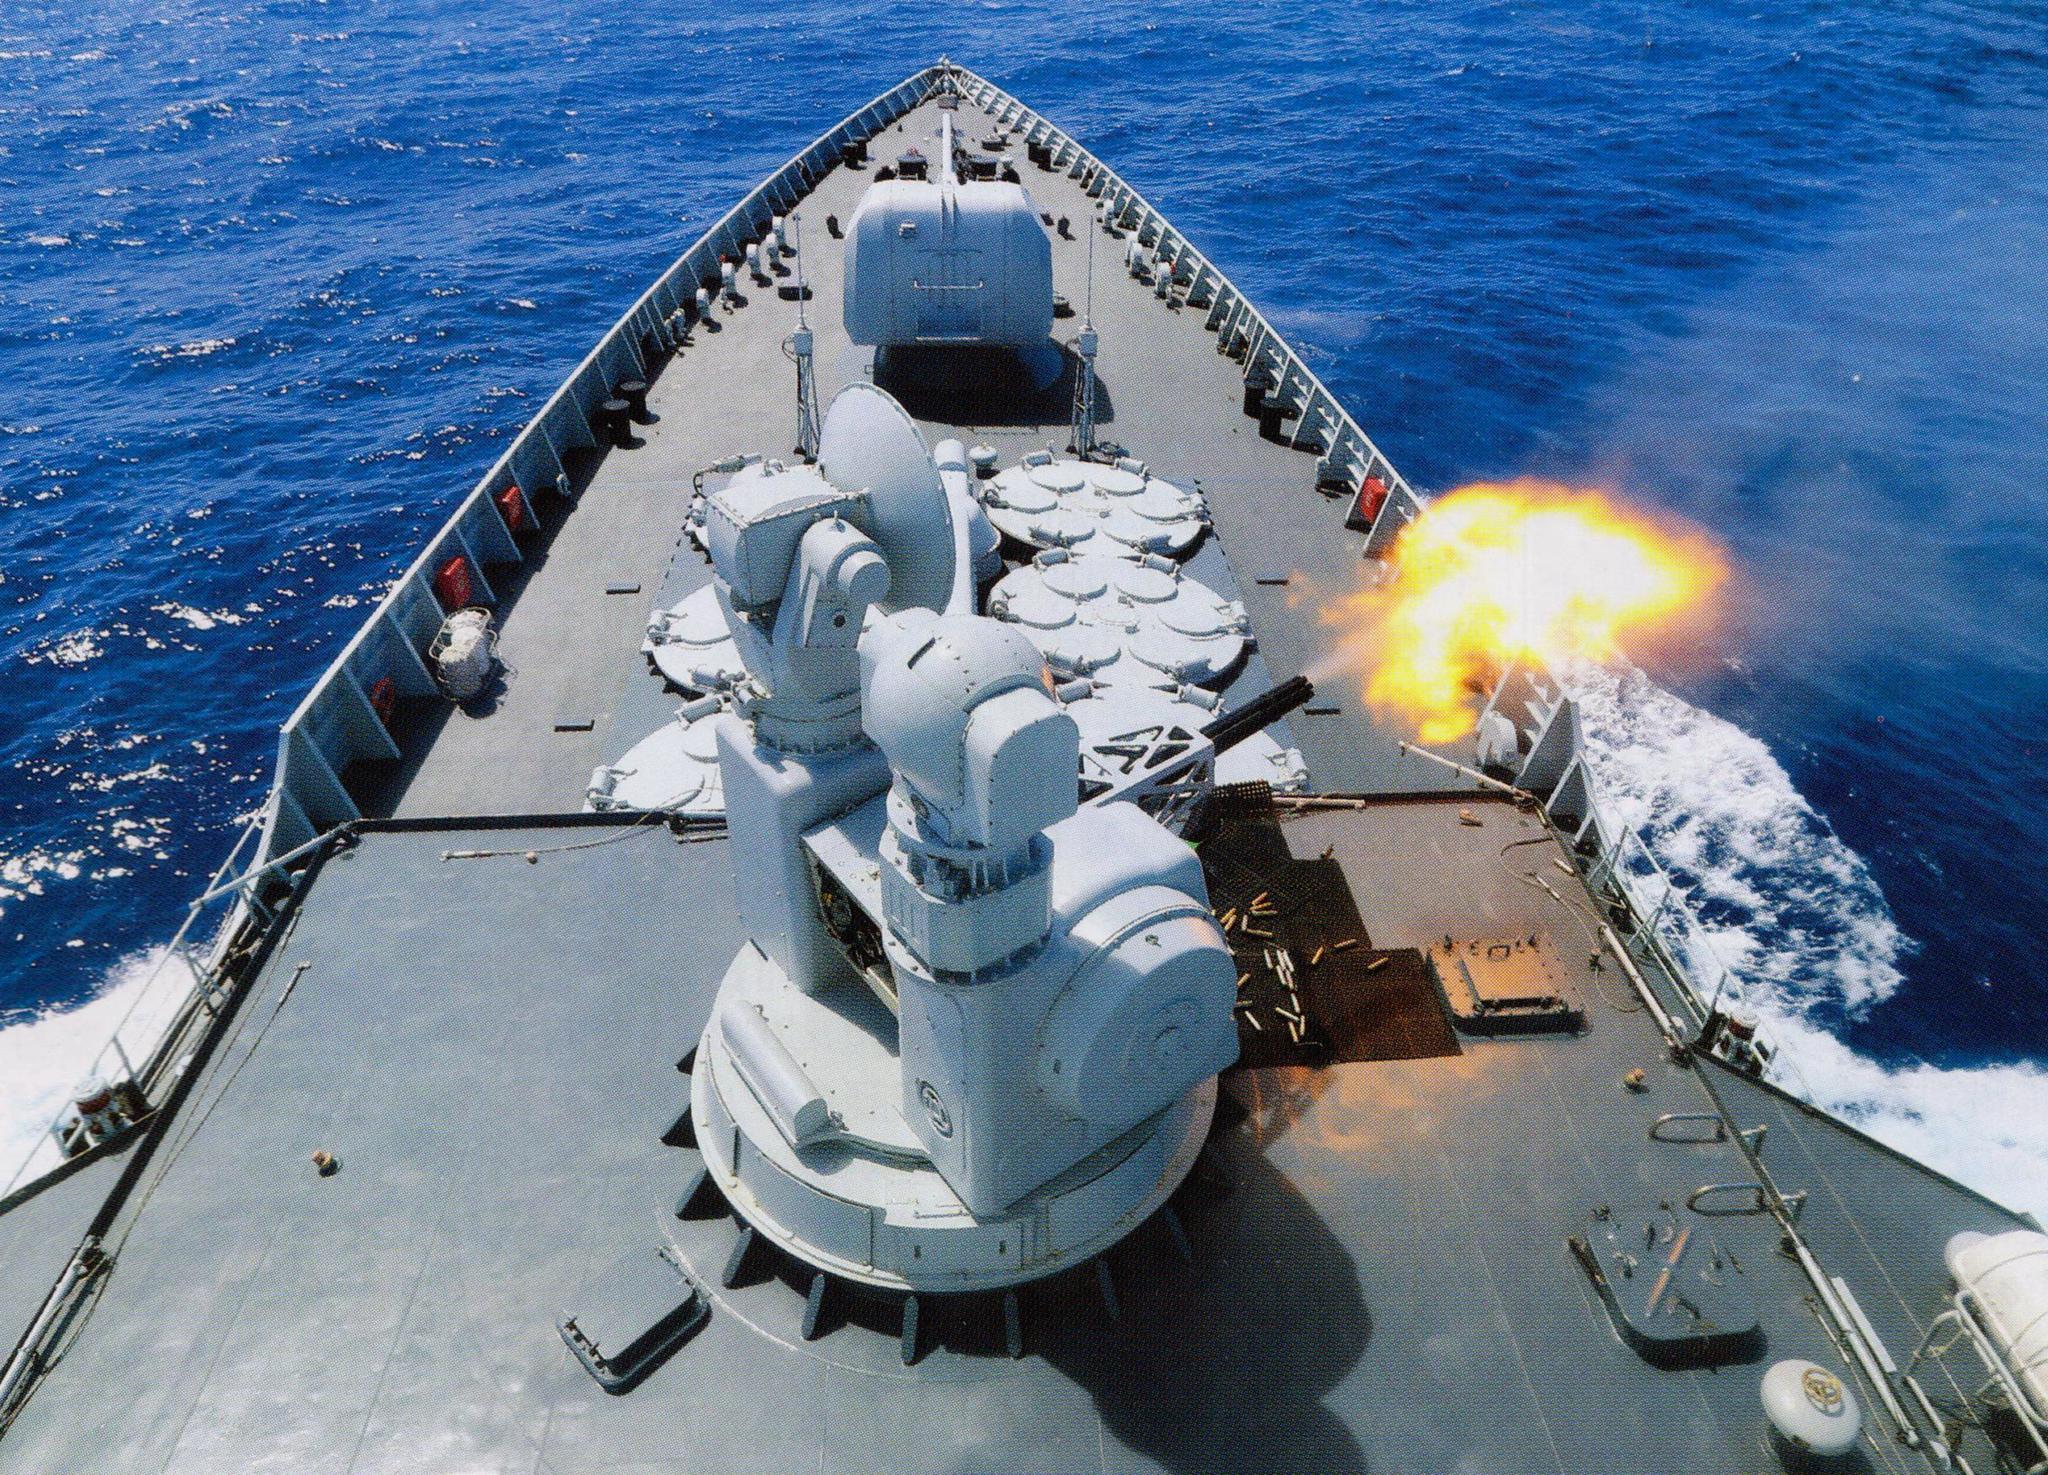 这是新批次054a护卫舰,052d驱逐舰,055驱逐舰,辽宁航母,国产航母上